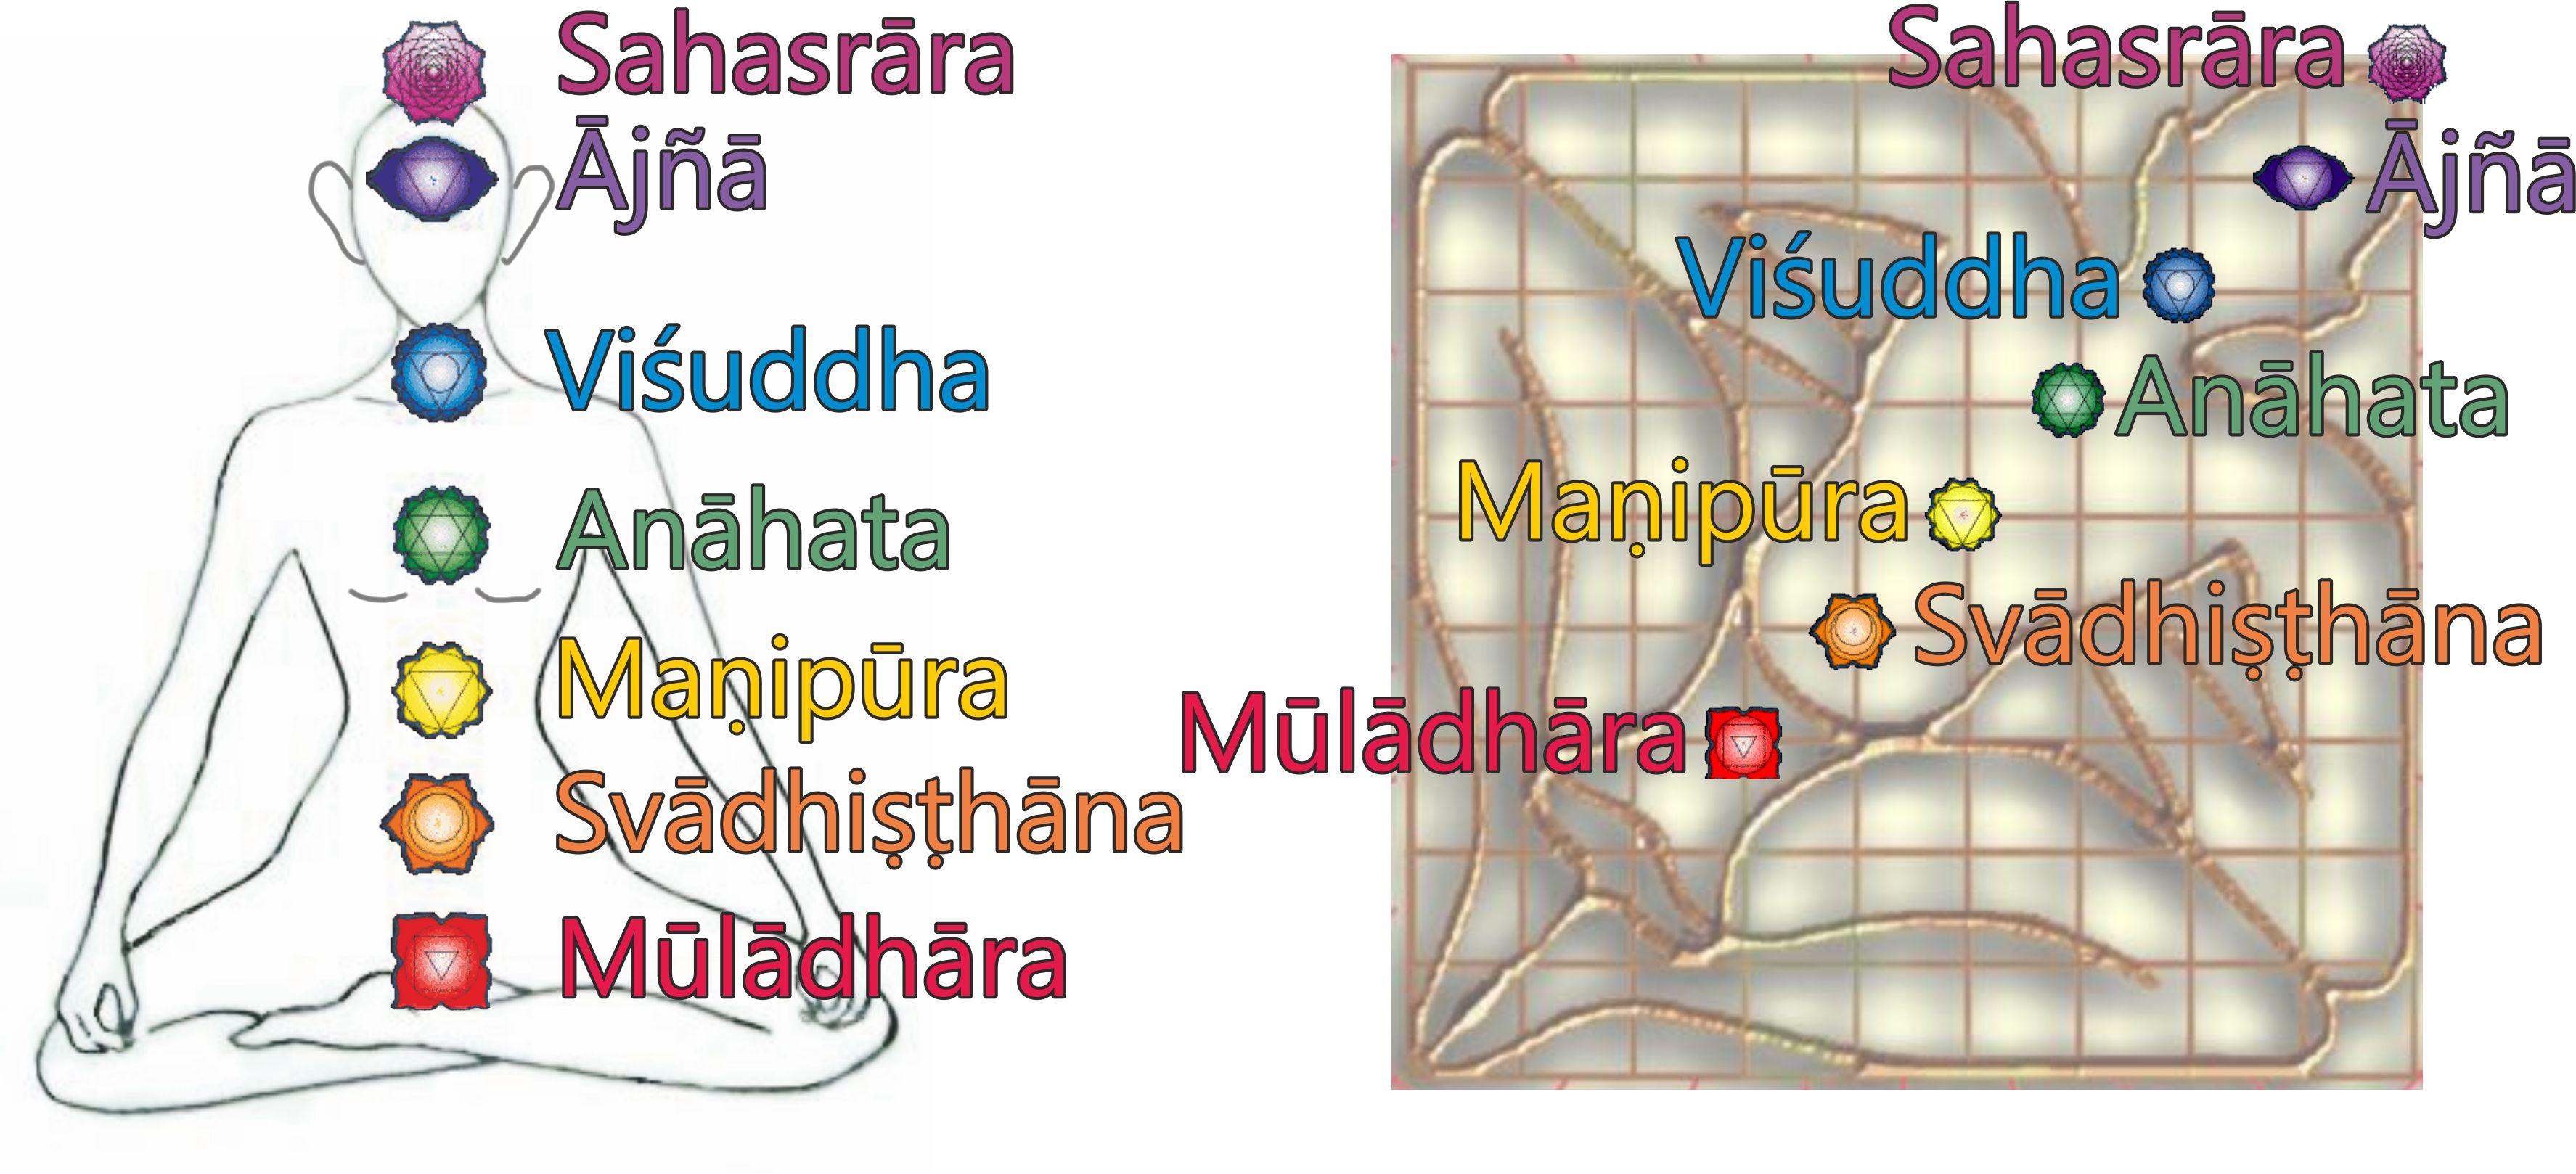 Az első vagy gyökér csakra a délnyugati mahamarma ponttal esik egybe. A 2. és 3. csakra a Brahmasztan területén található, a 4. csakra az északkeleti marmaponton van, az 5. és 6. csakra északkeleten, míg a 7. csakra, ami nem más, mint a korona csakra a mandala északkeleti csücskében található, ami tulajdonképpen már kívül esik a házon...